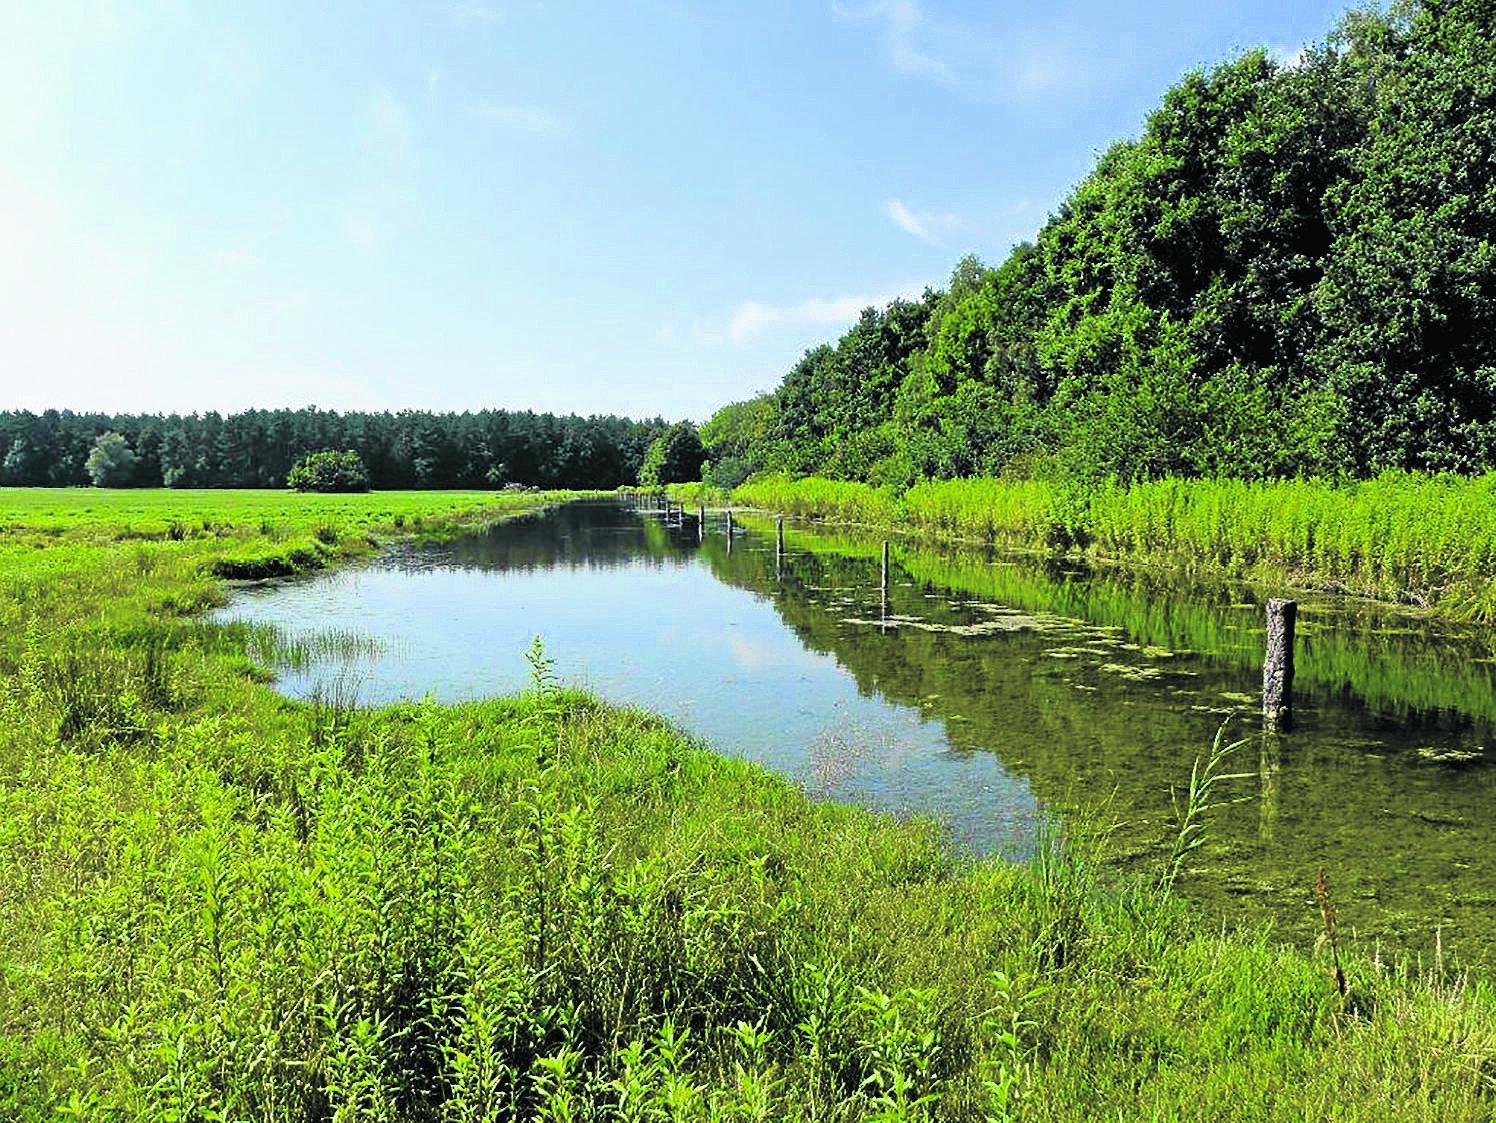 Tag der Artenvielfalt bringt uns Natur näher